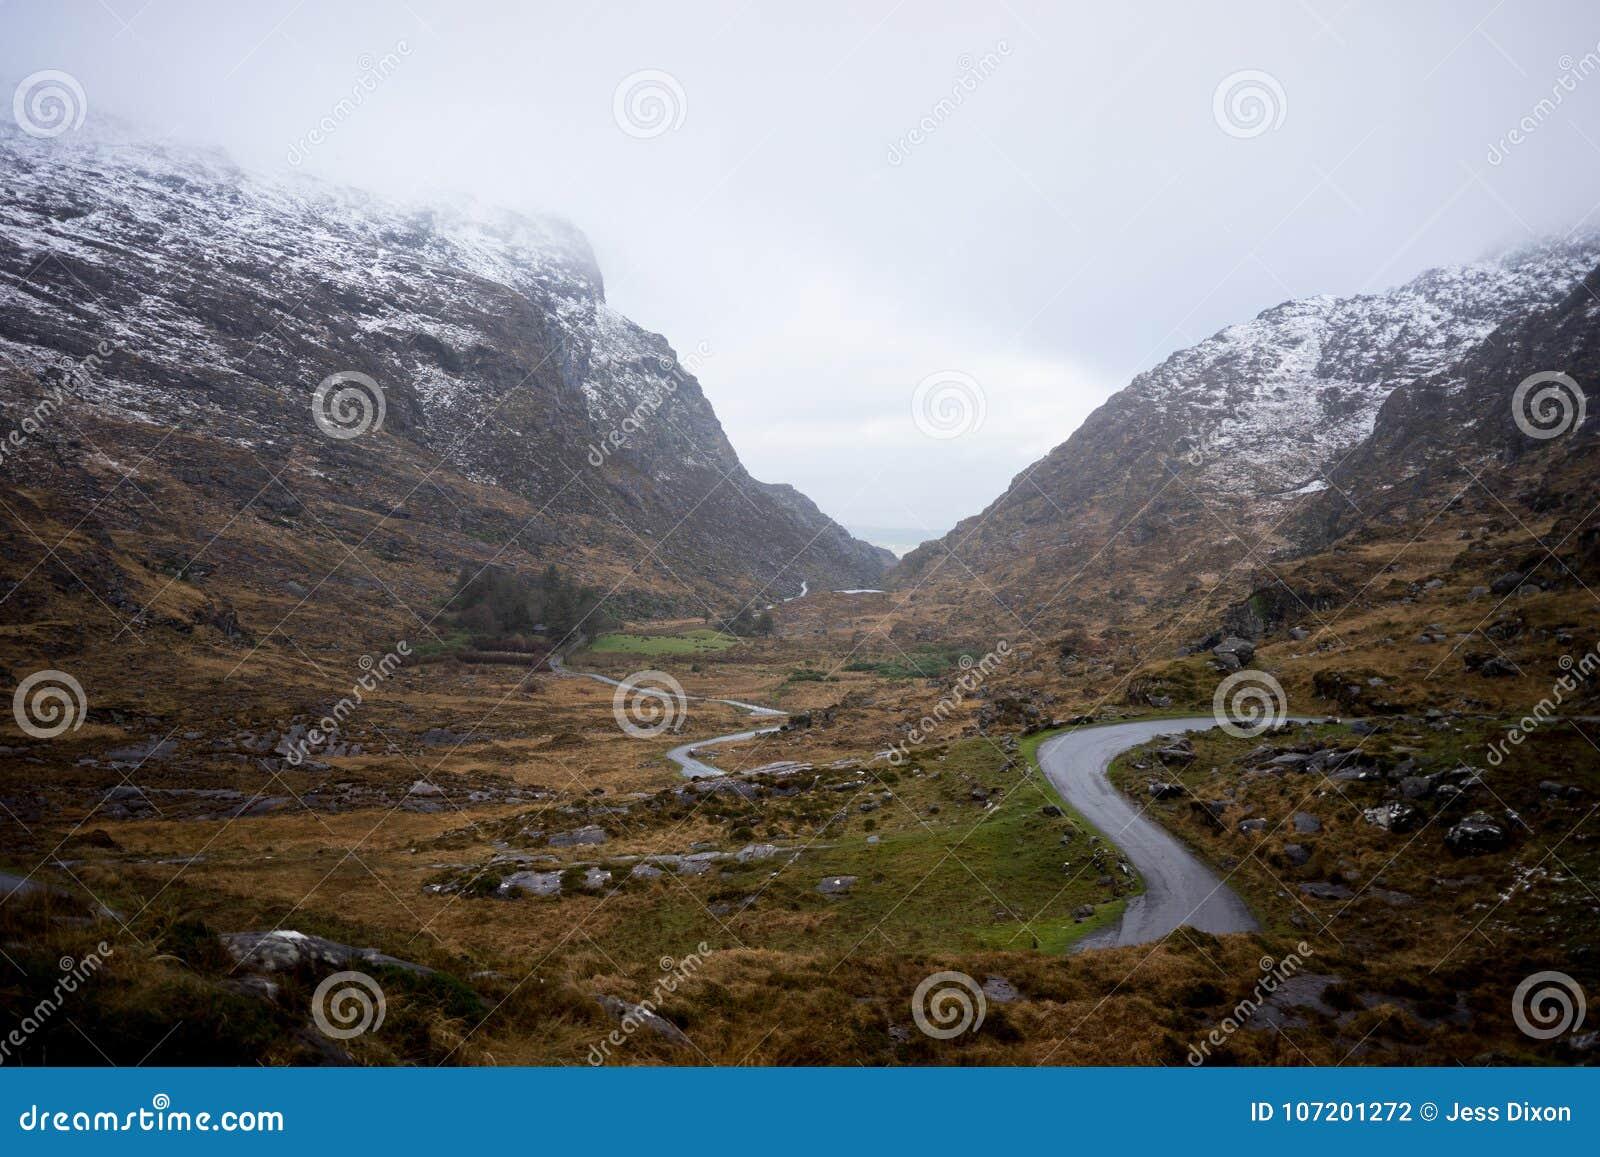 Gap van Dunloe in de Winter, Killarney, Republiek Ierland